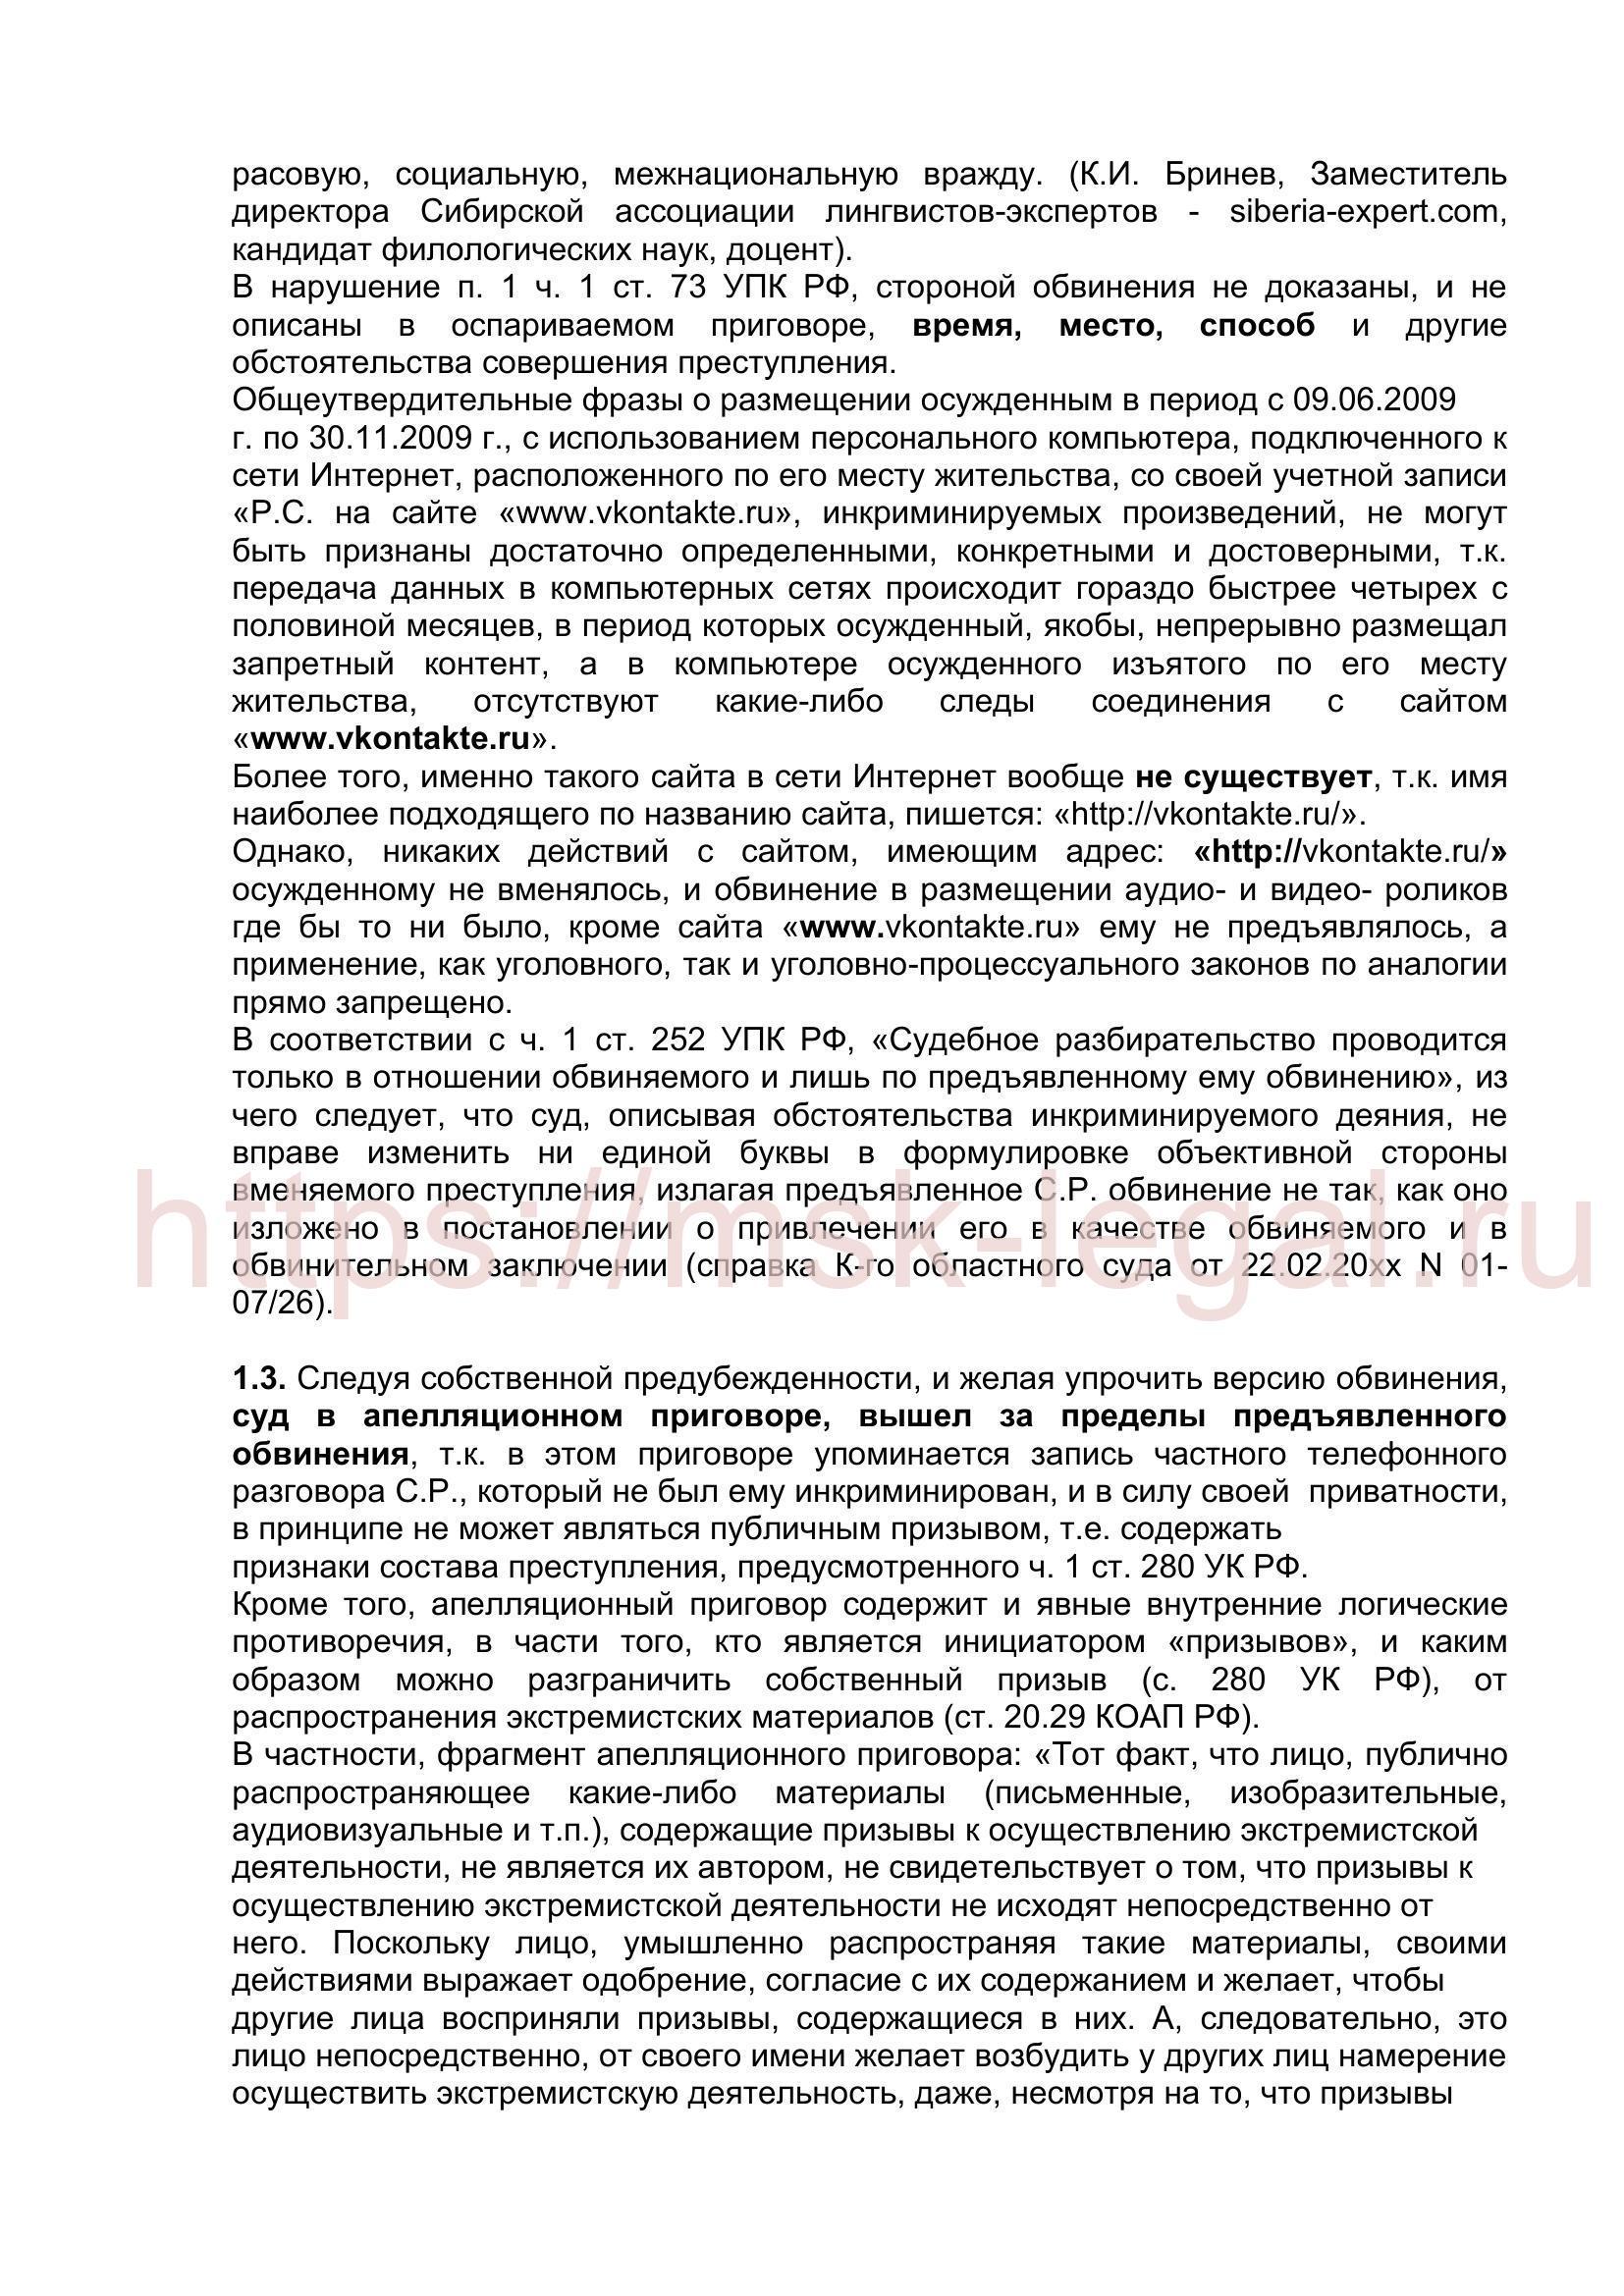 Кассационная жалоба на приговор по ст. 280 УК РФ